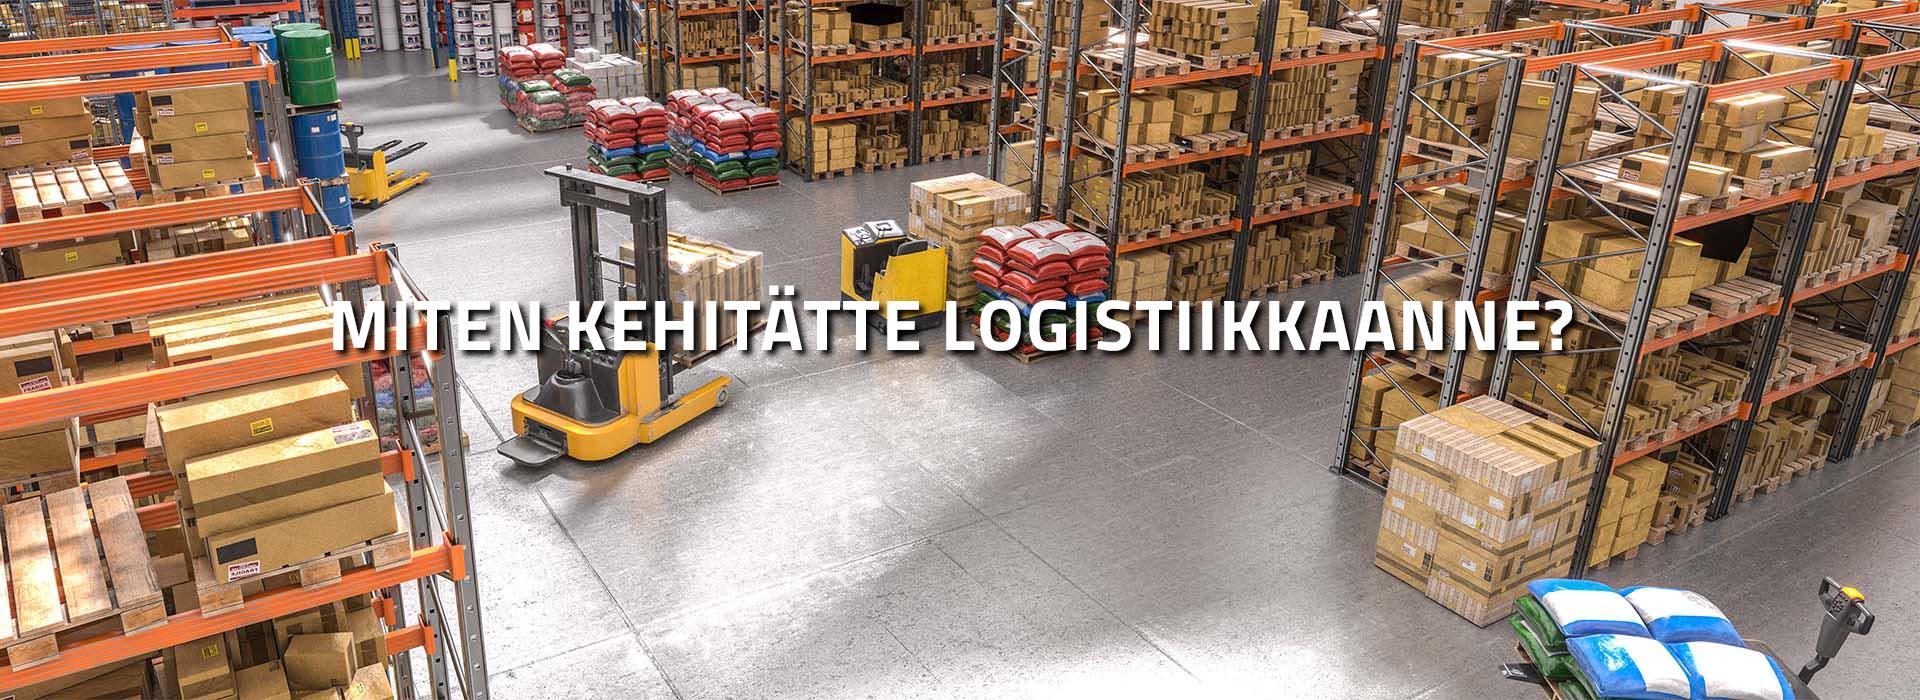 Miten kehitätte logistiikkaanne? |Ziirto Oy